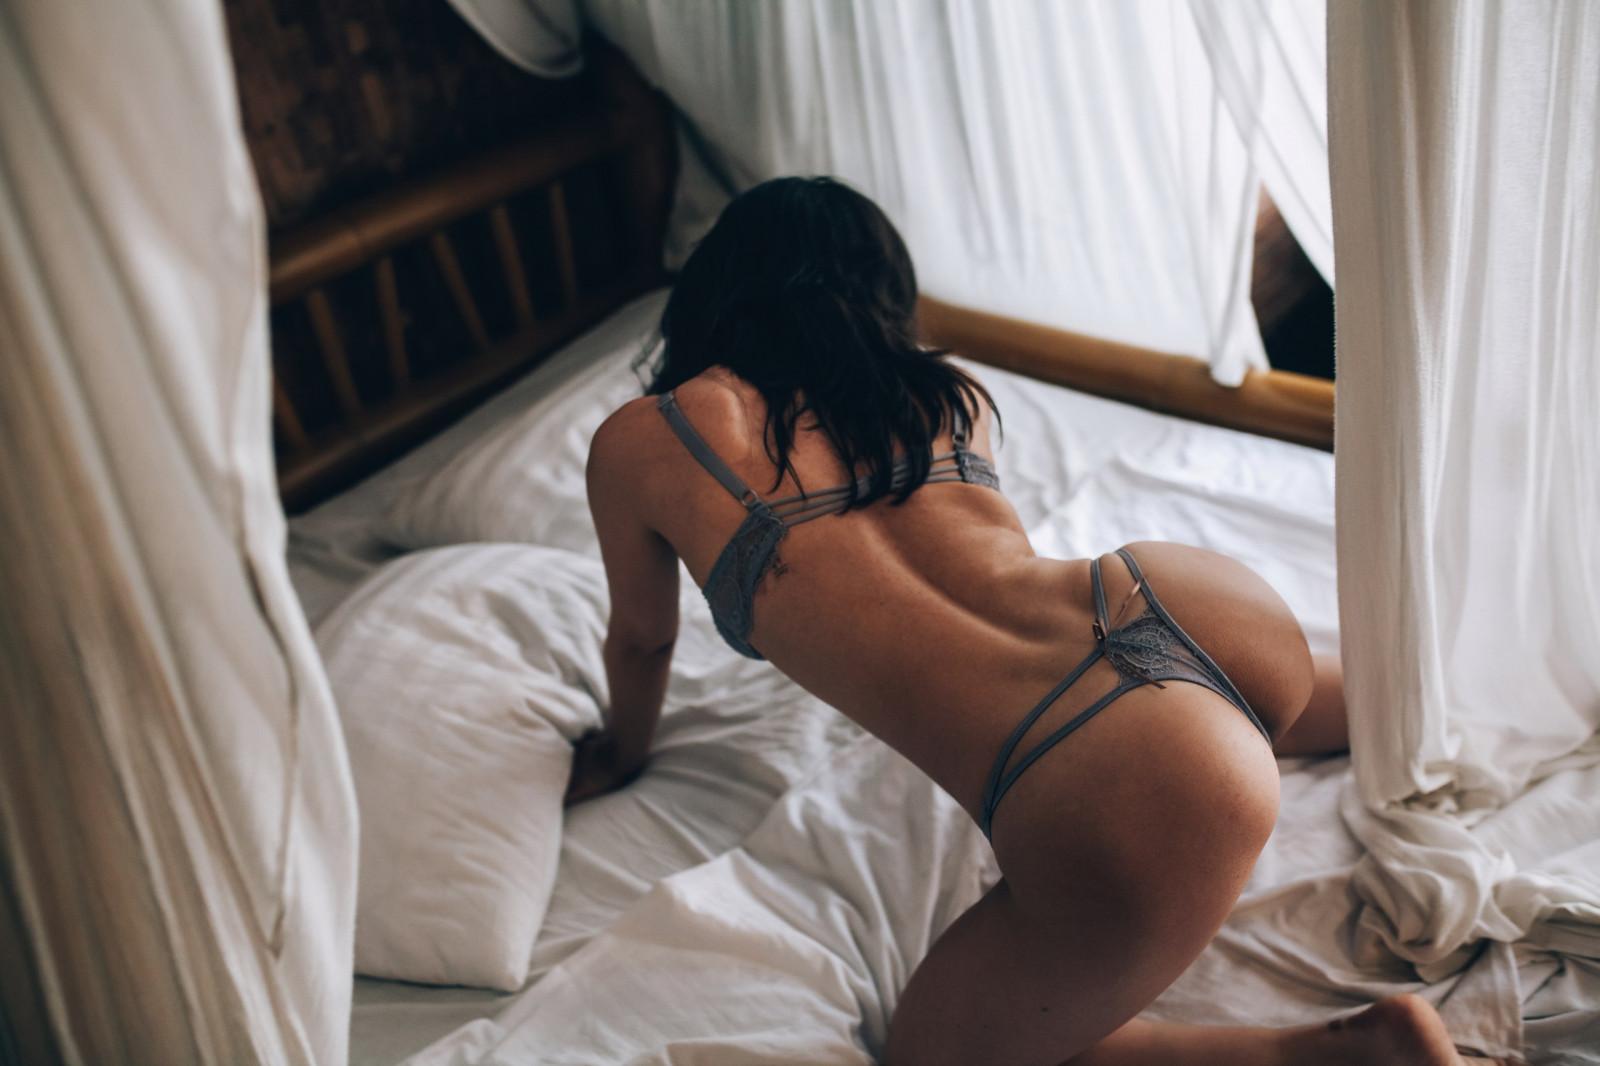 домашнее любительское фото голых женщин в позе раком